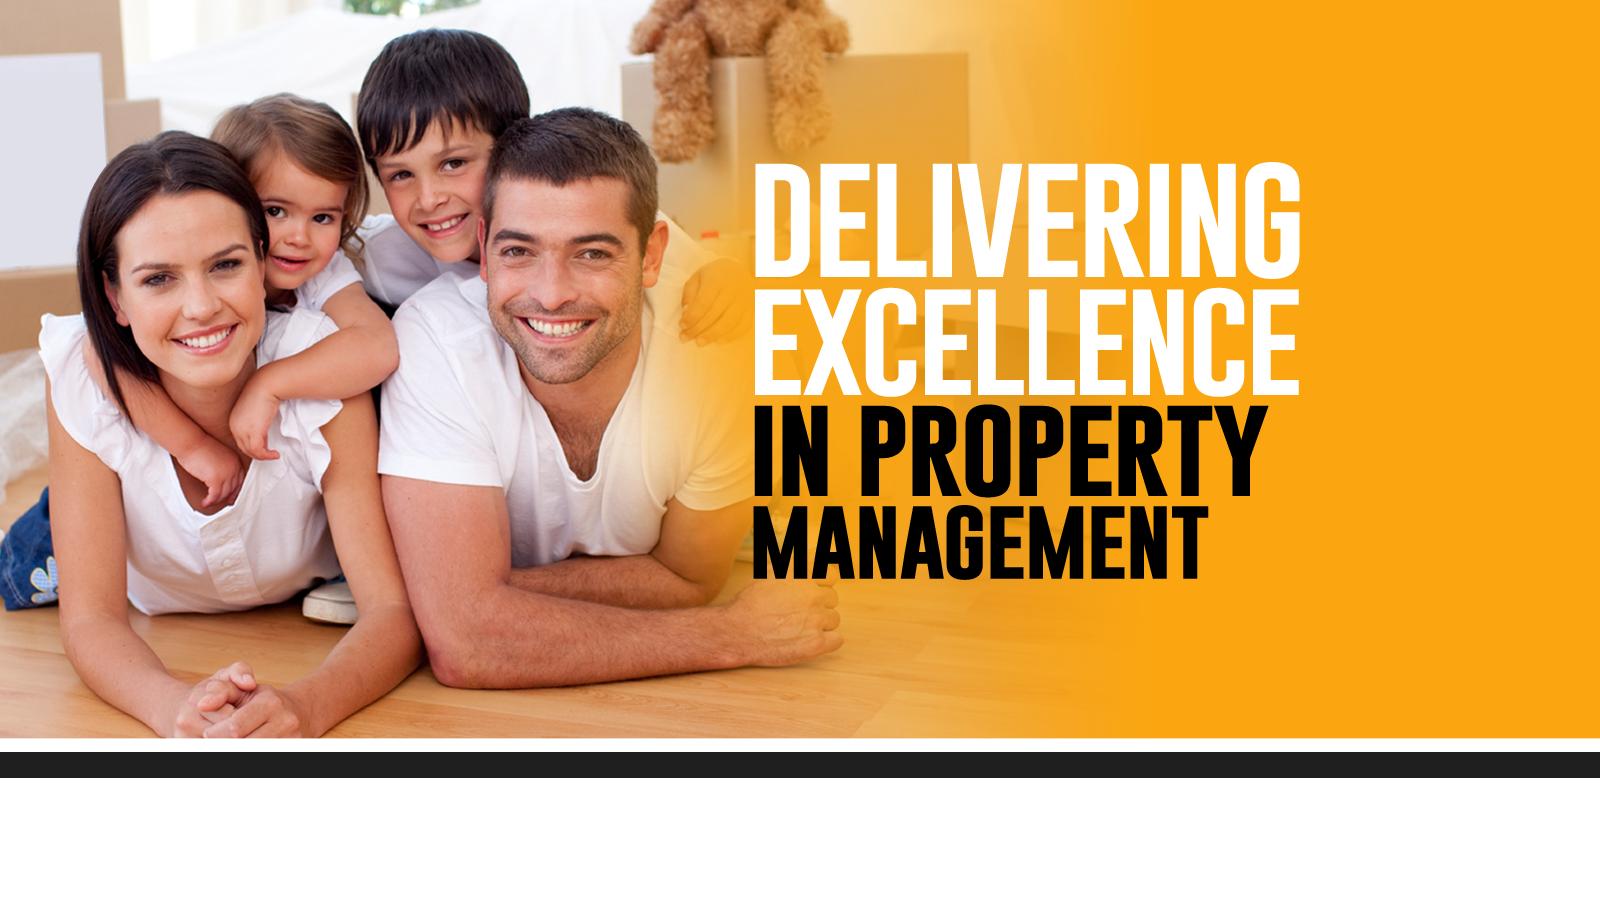 Bruce Evans Property Management image 1